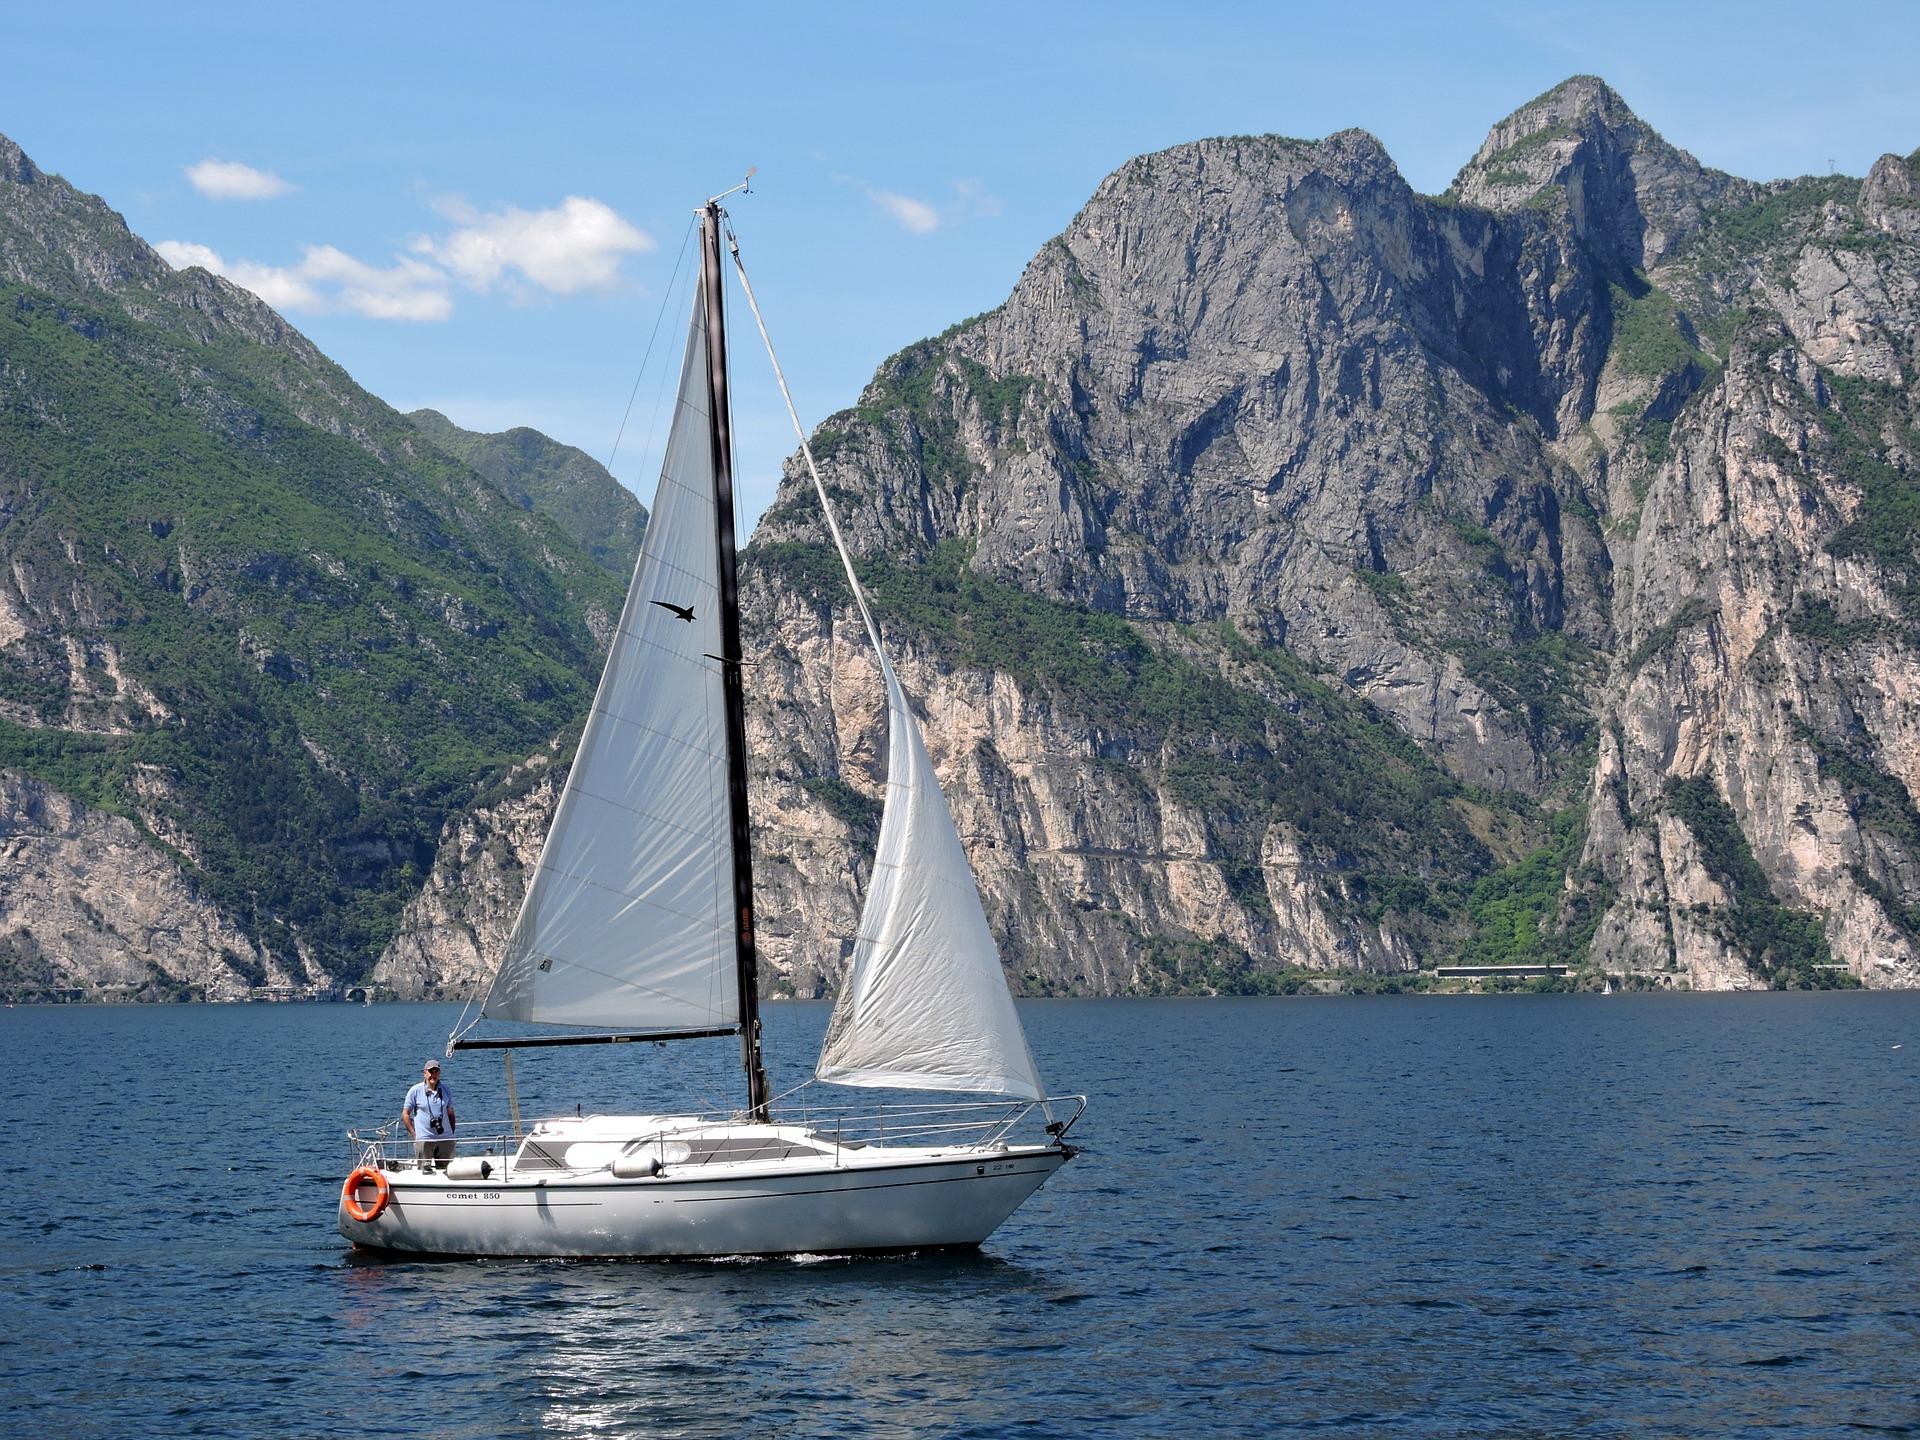 Gardameer, bootverhuur italië, Lago Maggiore, boot huren gardameer, boot verhuur gardameer, boot huren italië, zeilboot huren italië, catamaran huren italië,  boot huren peschiera del garda, vaarvakantie italië, zeilvakantie italië, zeilen in italië,